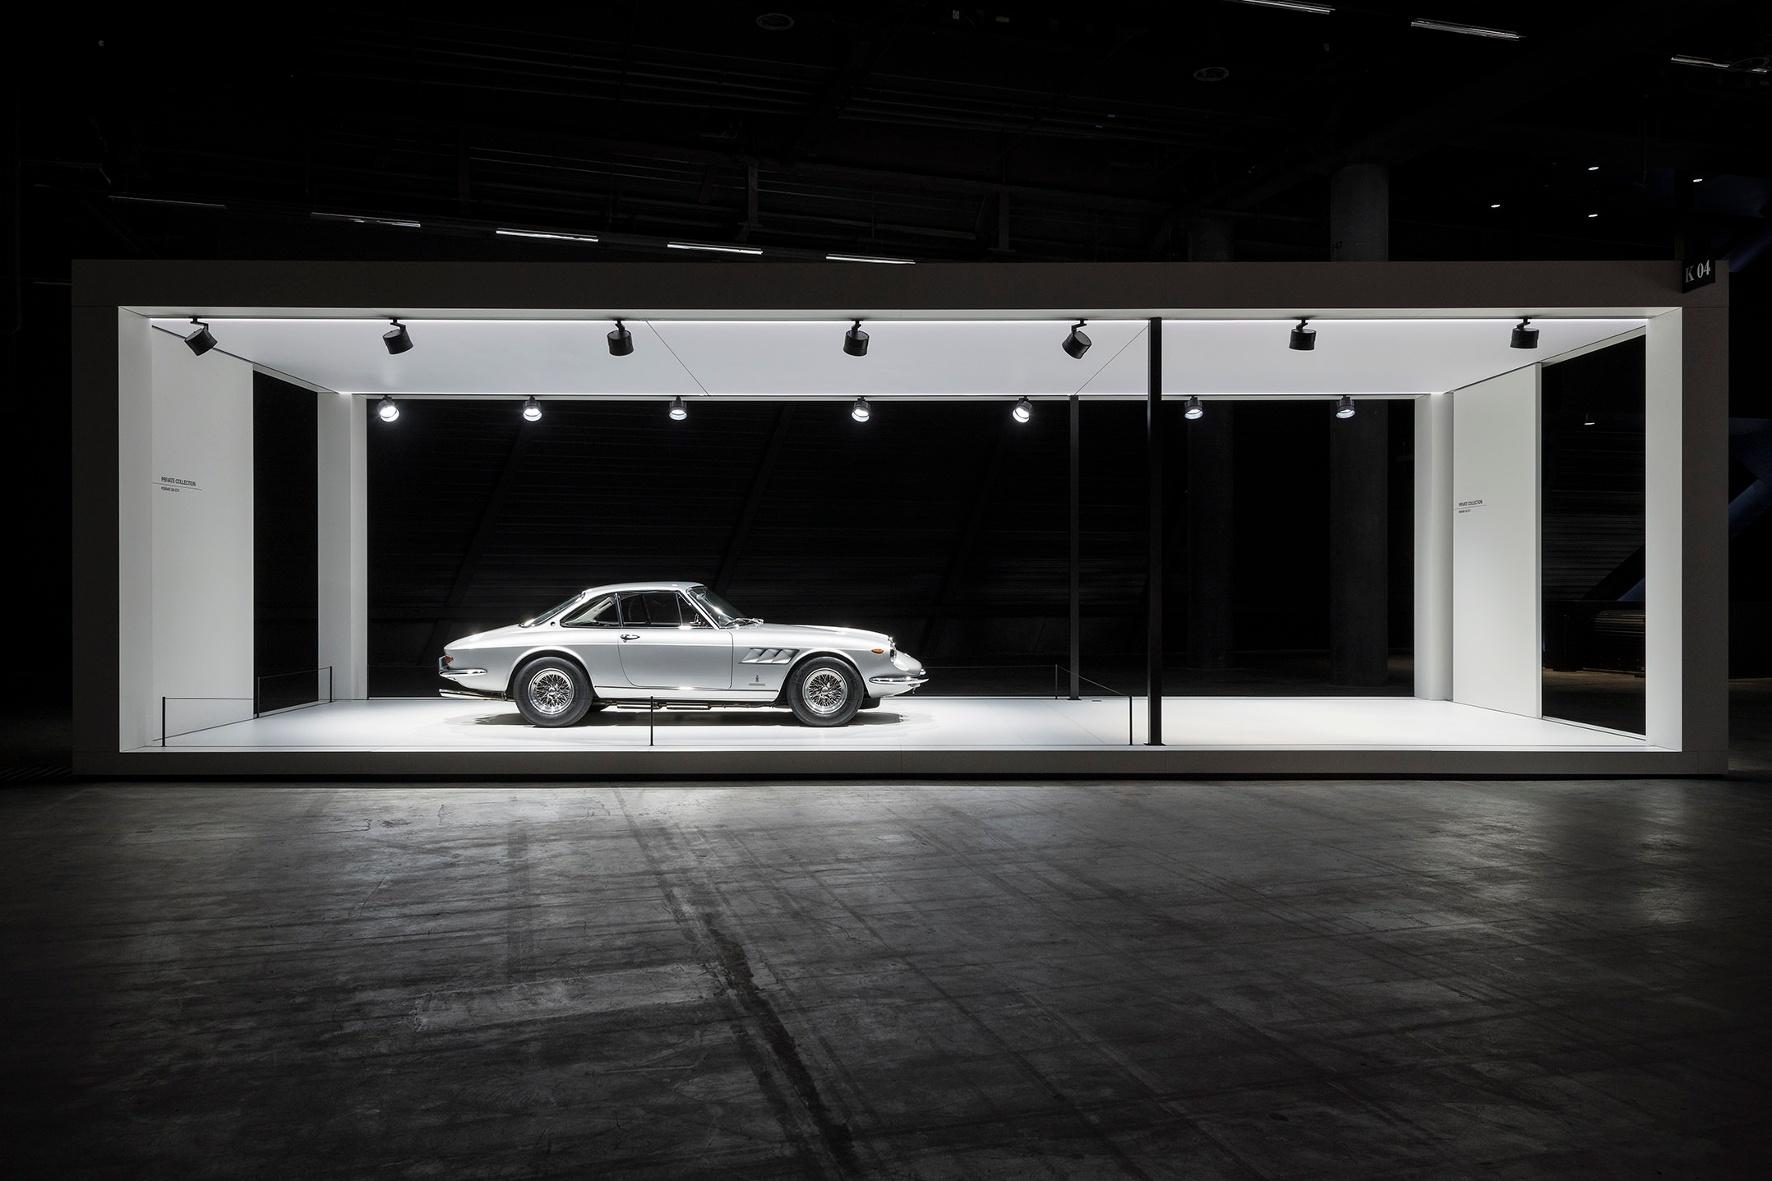 Autobauern wird immer weniger zugetraut, autonome Modelle auf den Markt zu bringen